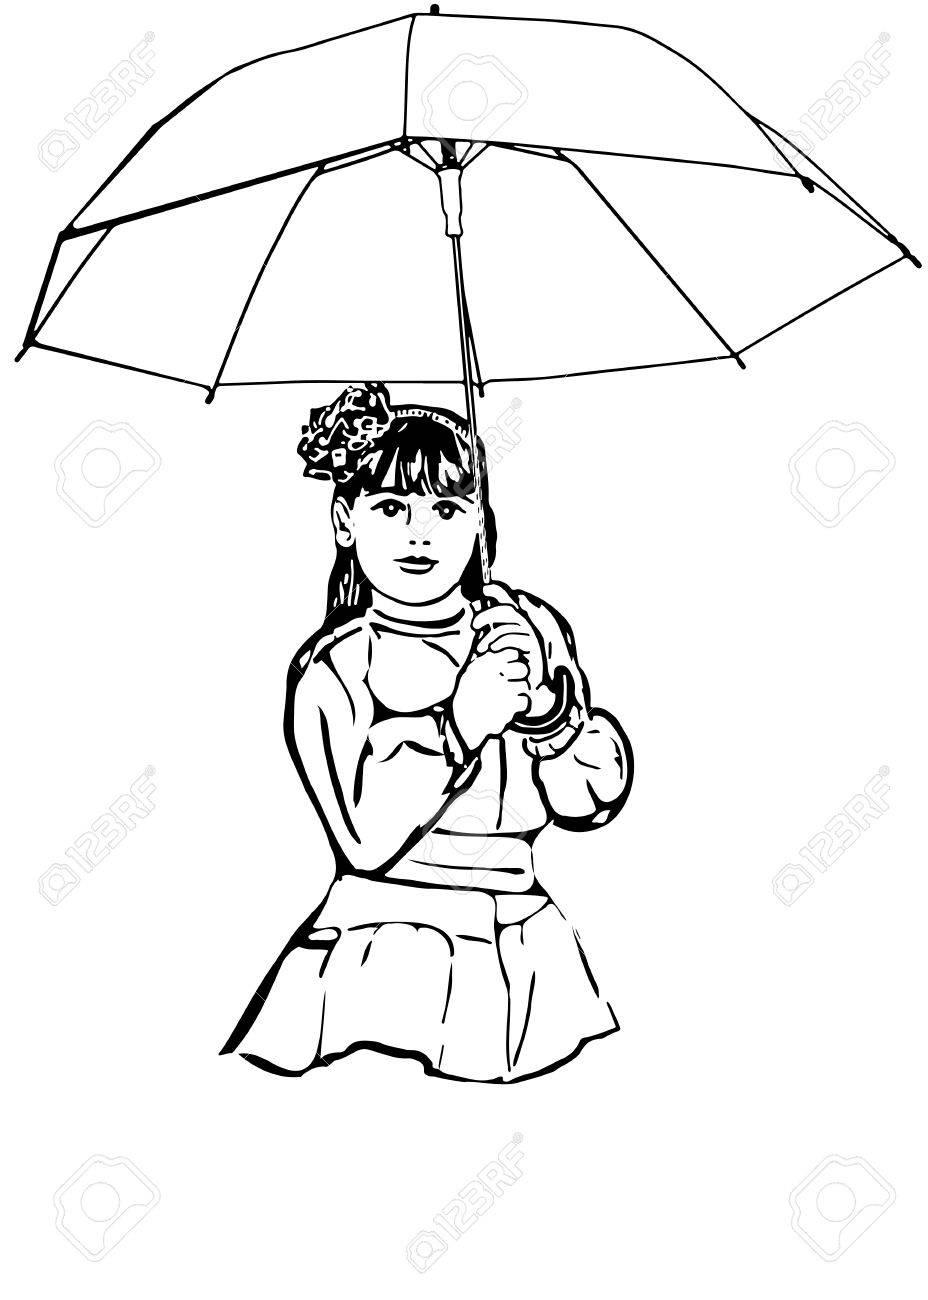 Schwarz Weiß Vektor Skizze Eines Schönen Kleinen Mädchen Unter Dem